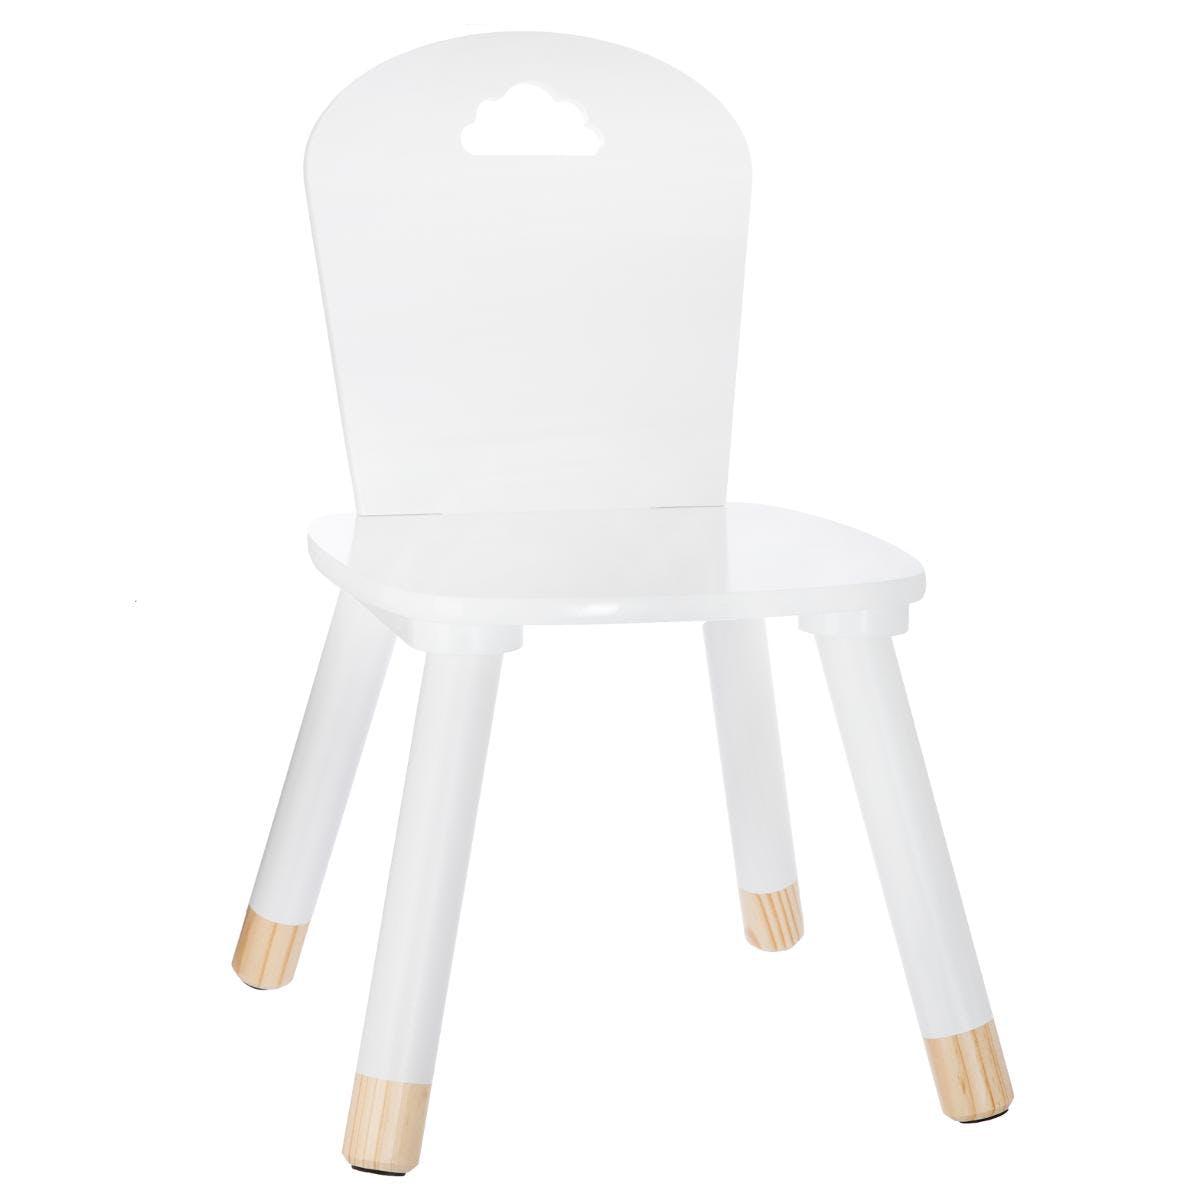 Chaise en bois enfant blanche